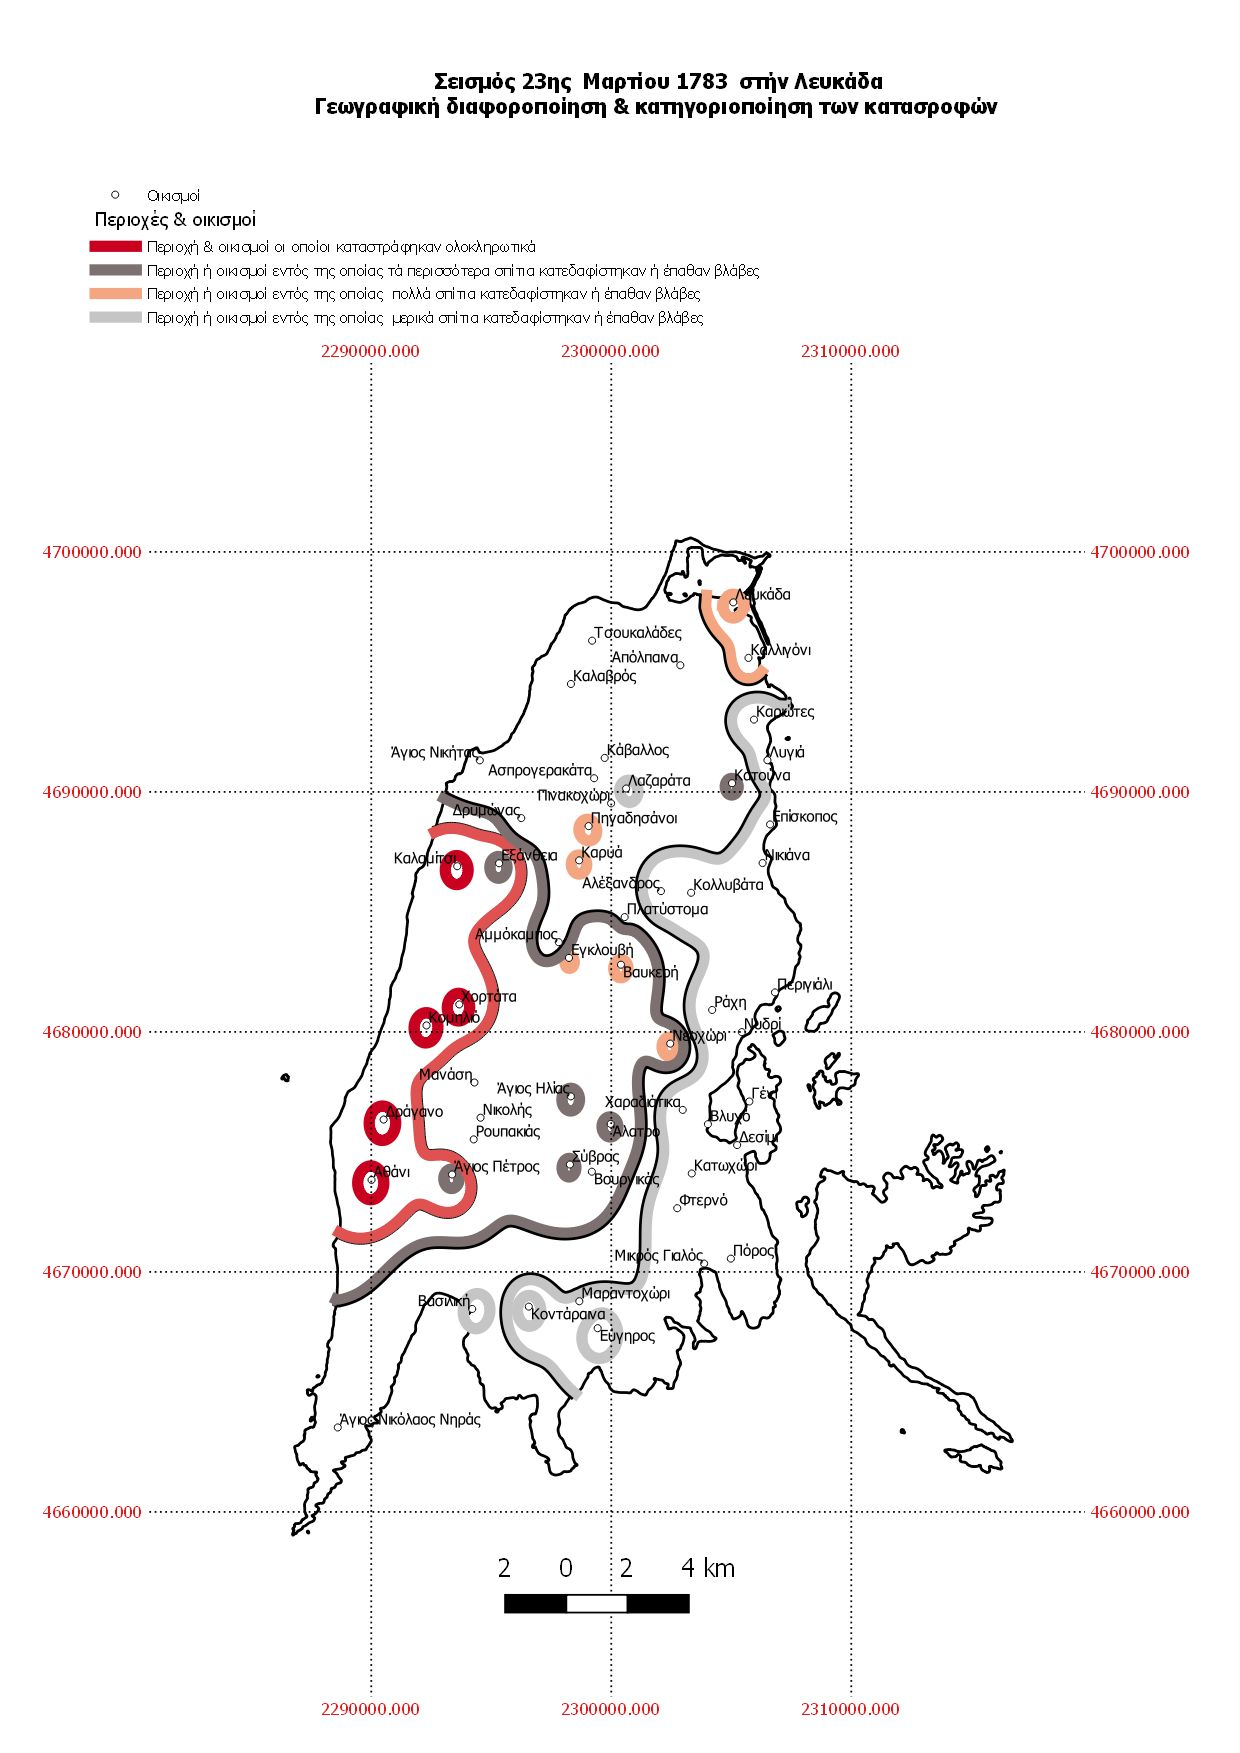 Σεισμός 23ης Μαρτίου 1783 στήν Λευκάδα